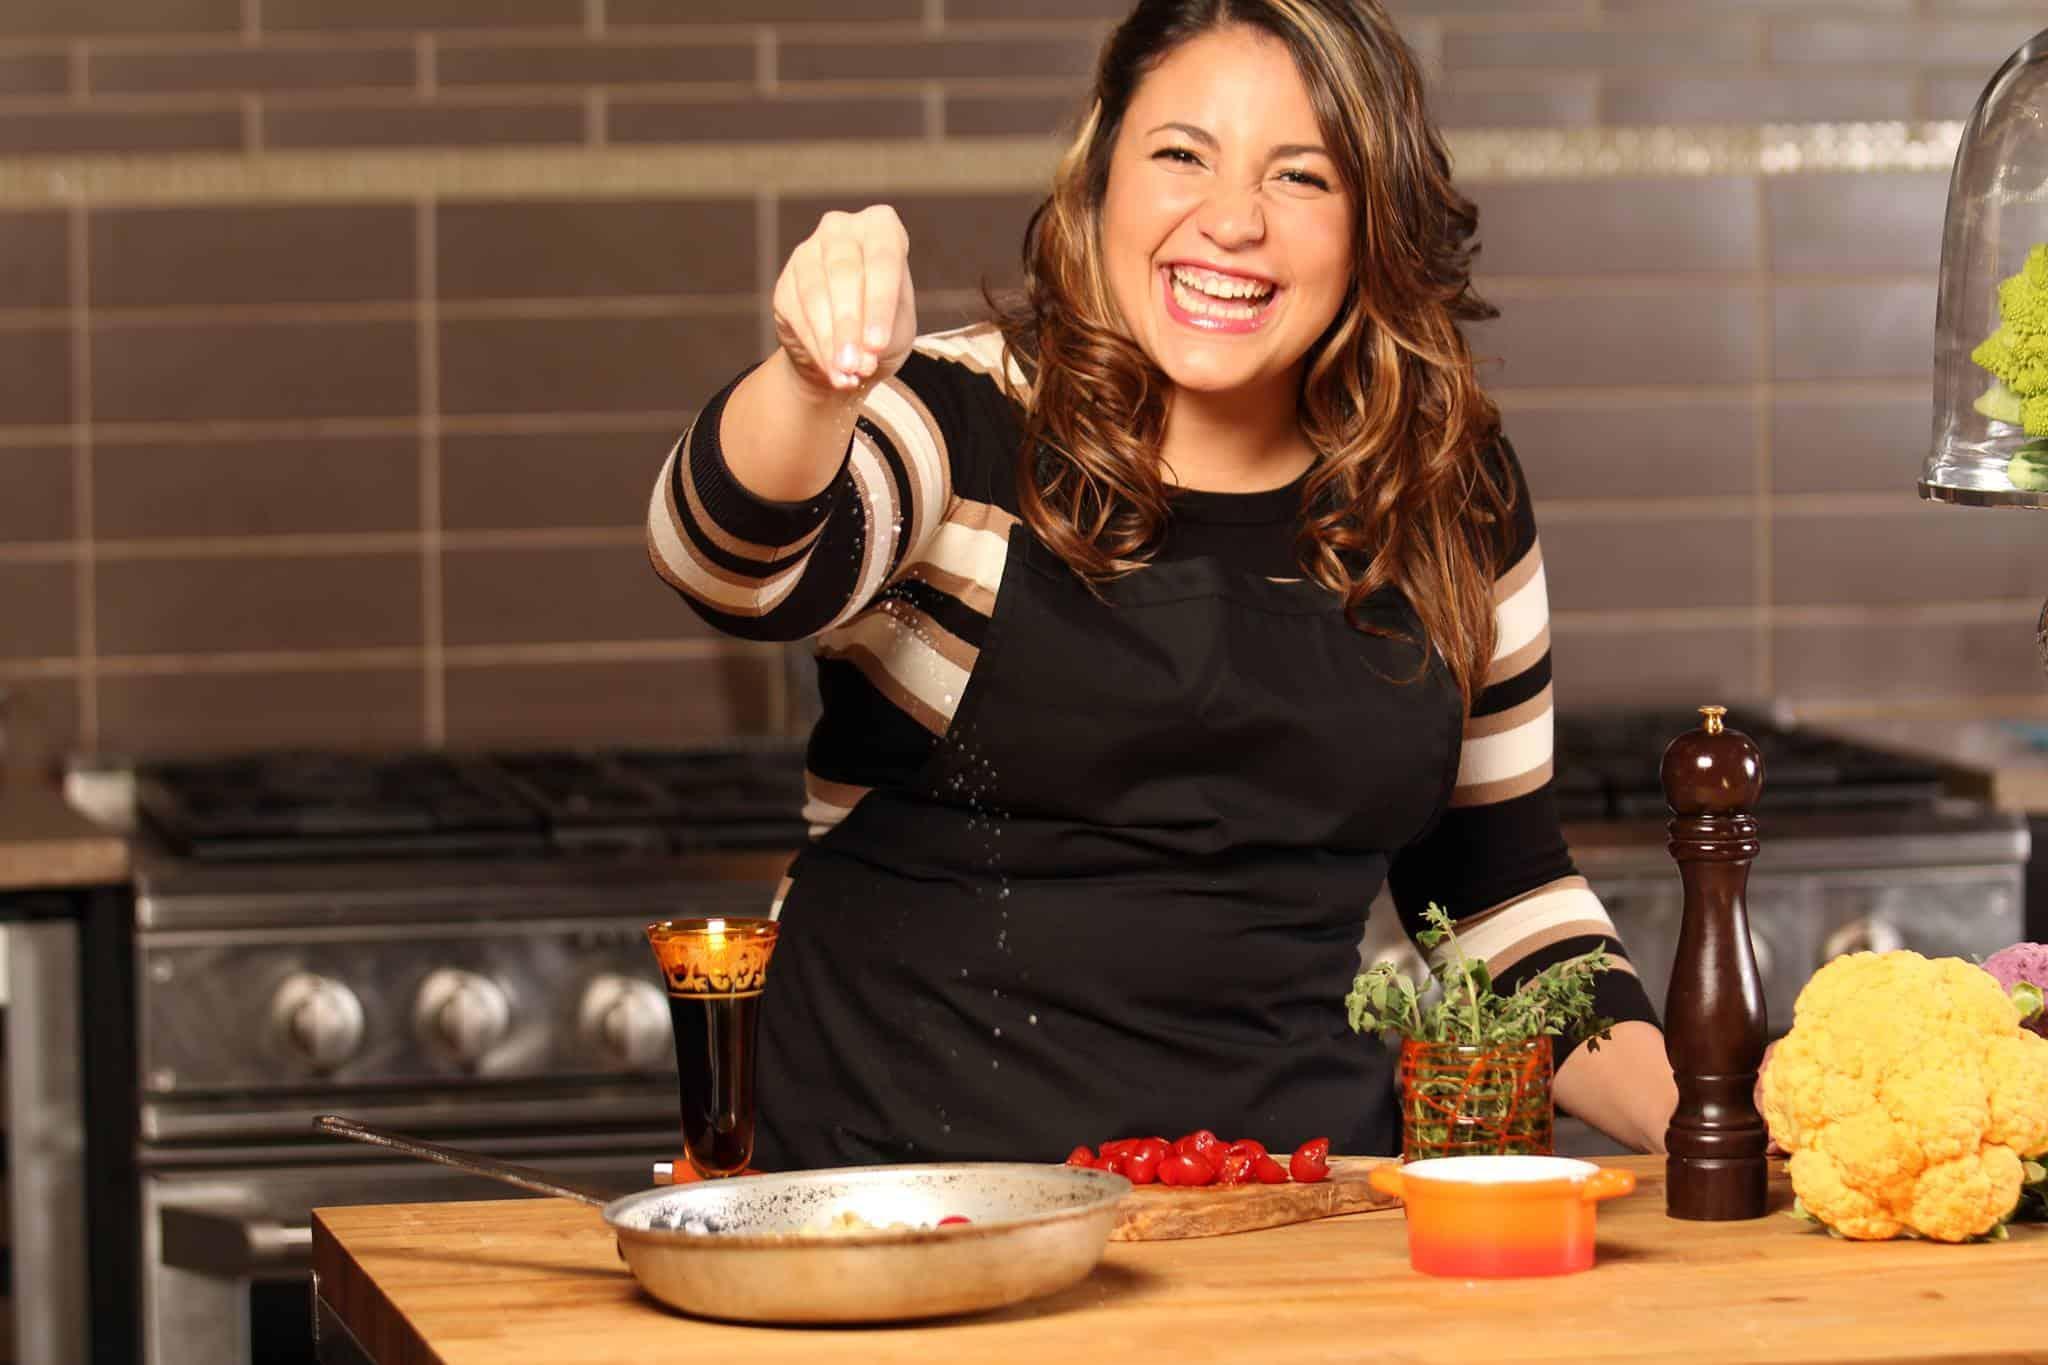 Her Career: Celebrity Chef Vanessa Gianfrancesco